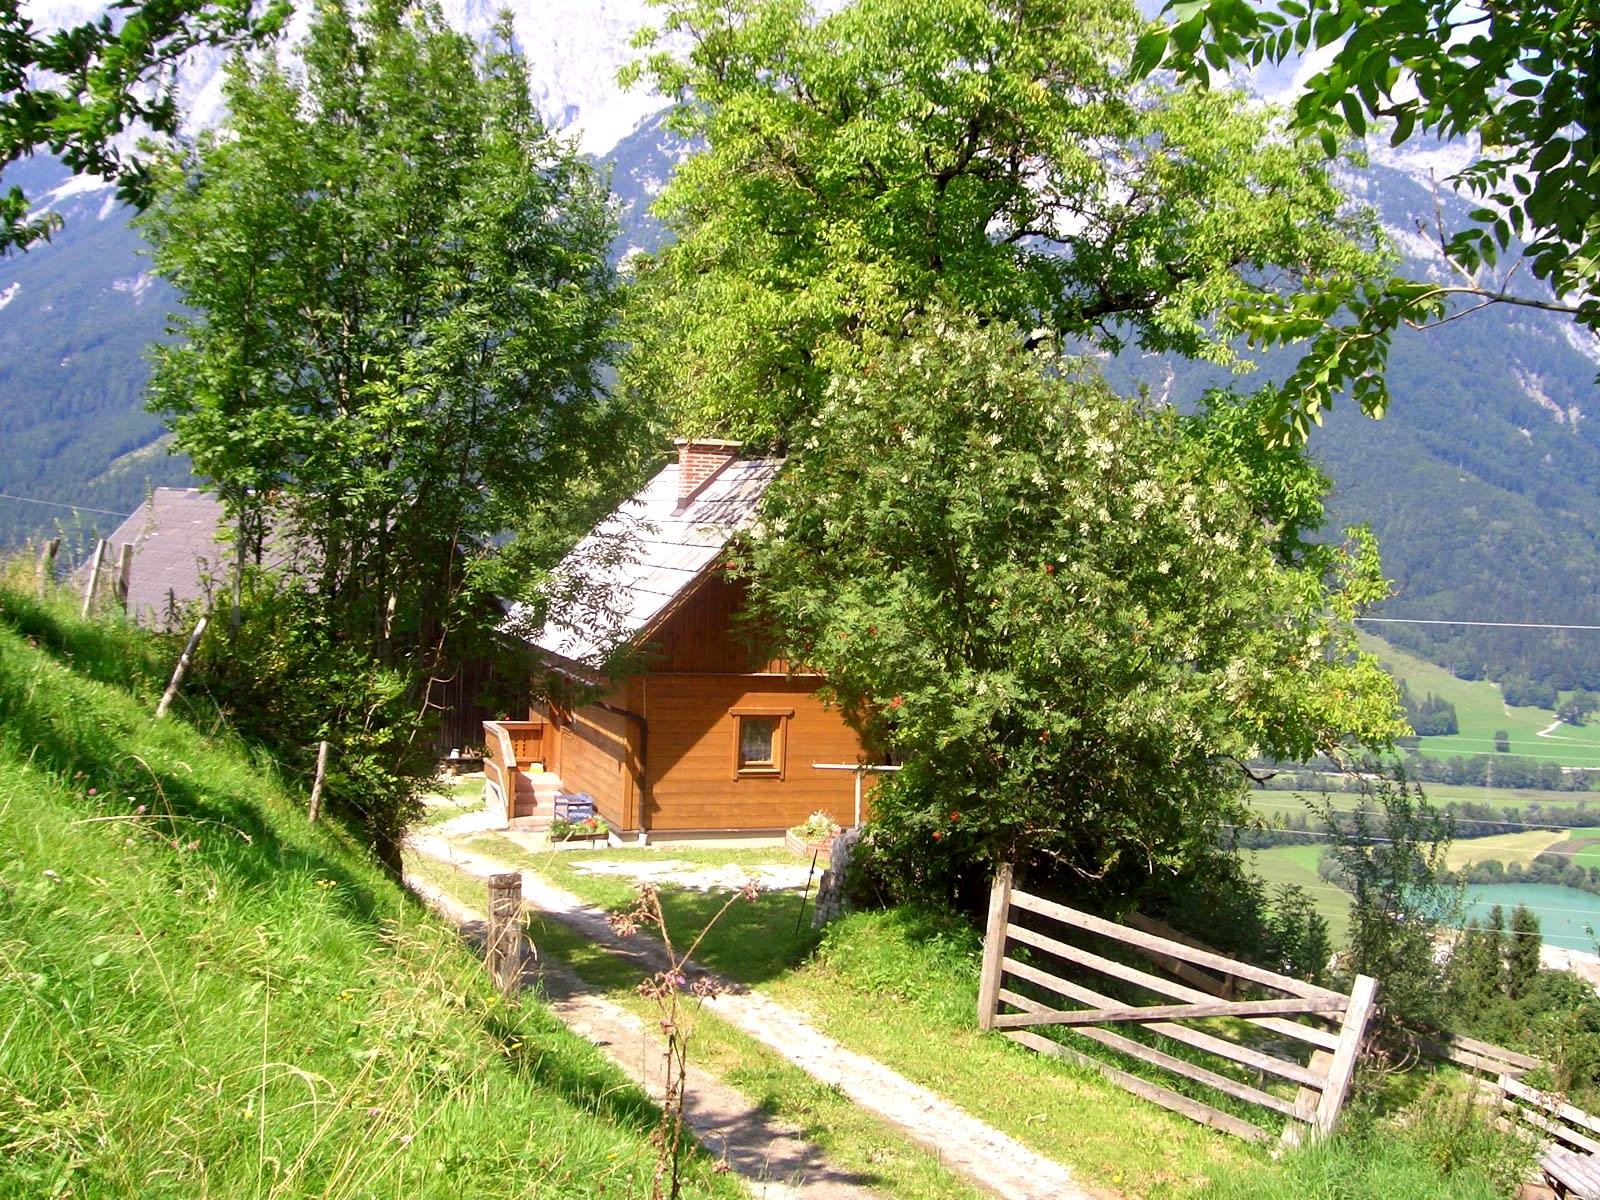 Almhütte in der Steiermark